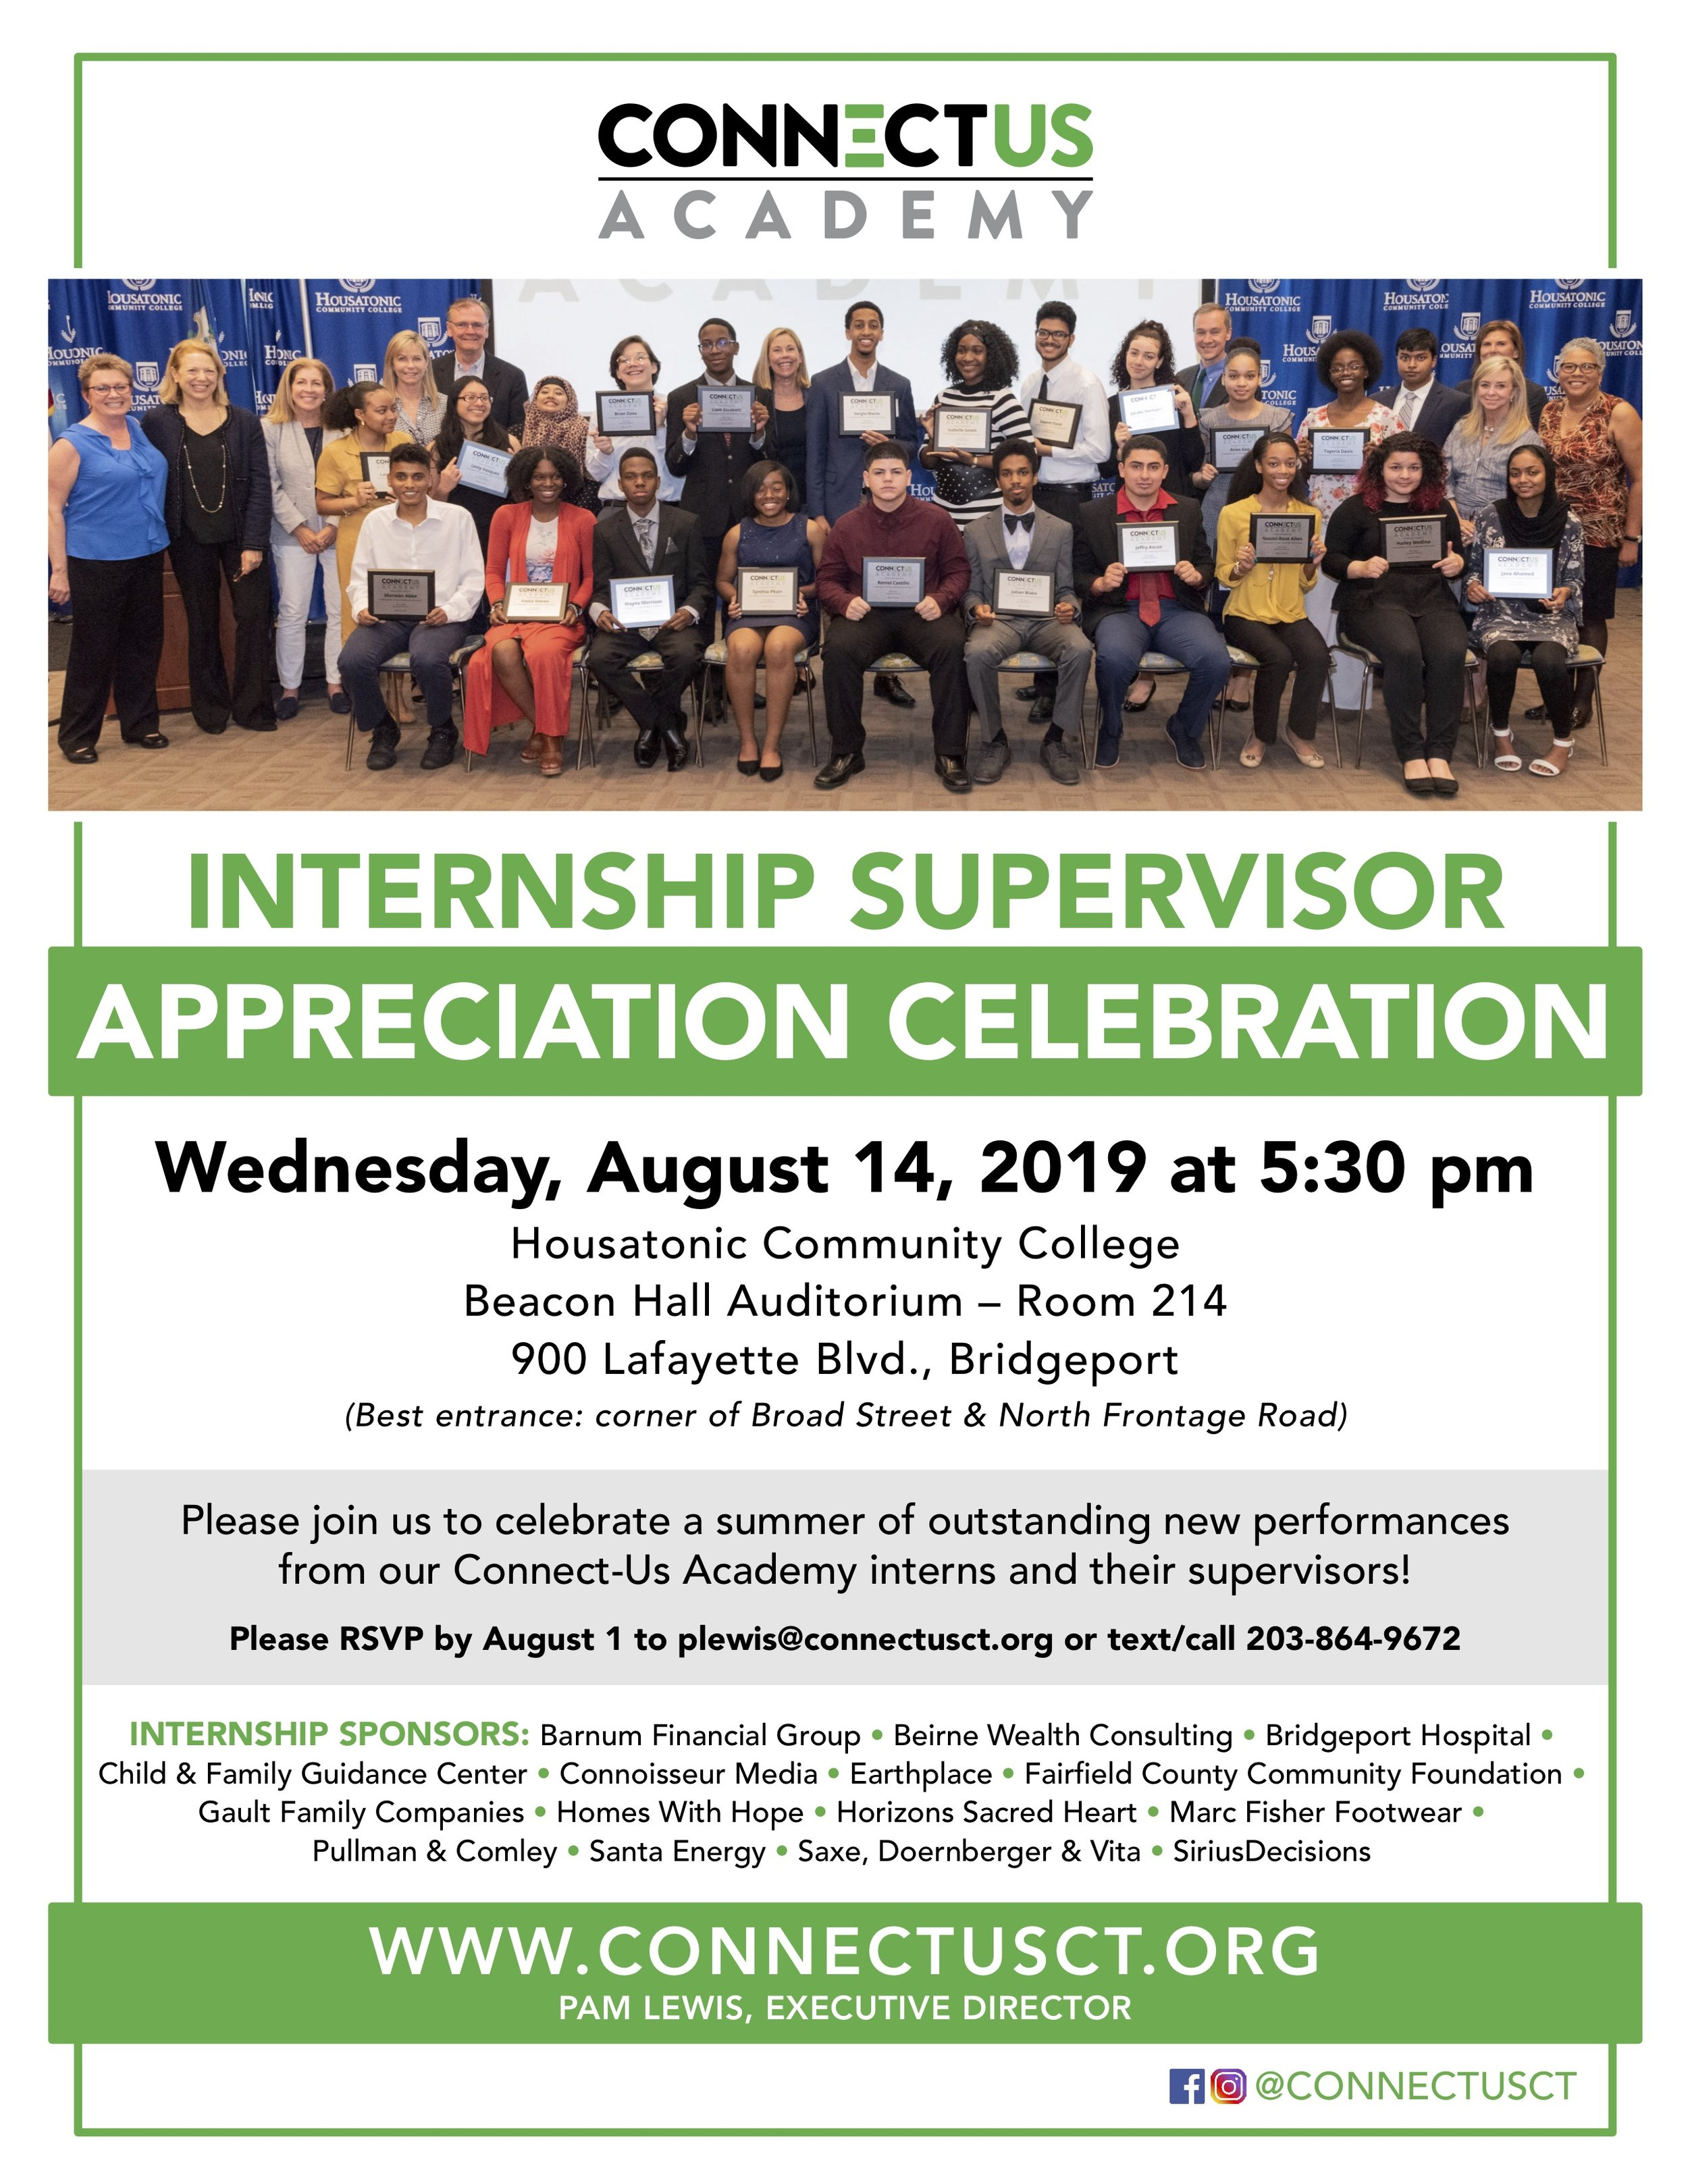 Internship Supervisor Appreciation Celebration - 2019.jpg